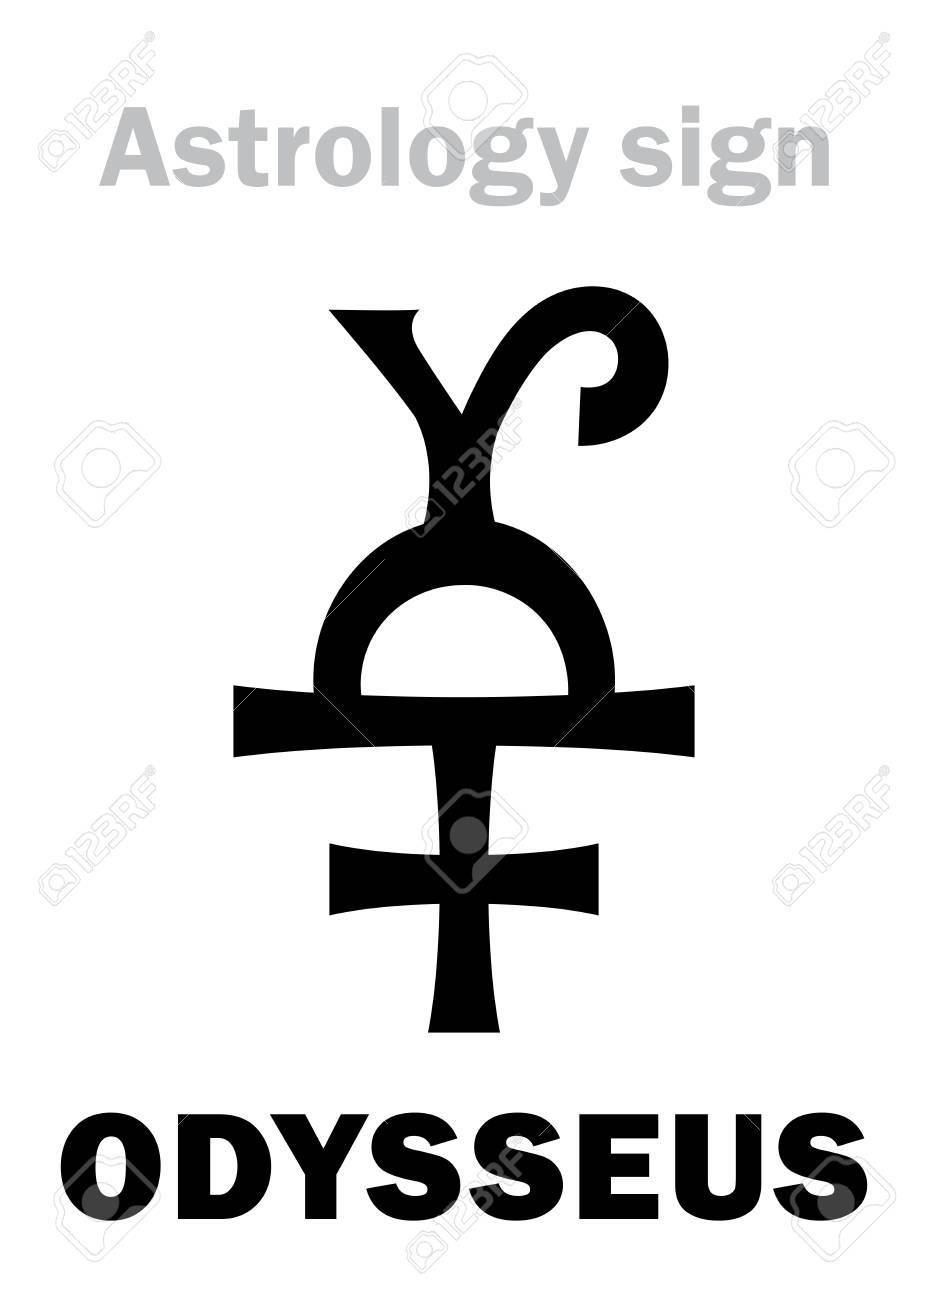 Astrology Alphabet: ODYSSEUS (Ulysses), asteroid #1143  Hieroglyphics